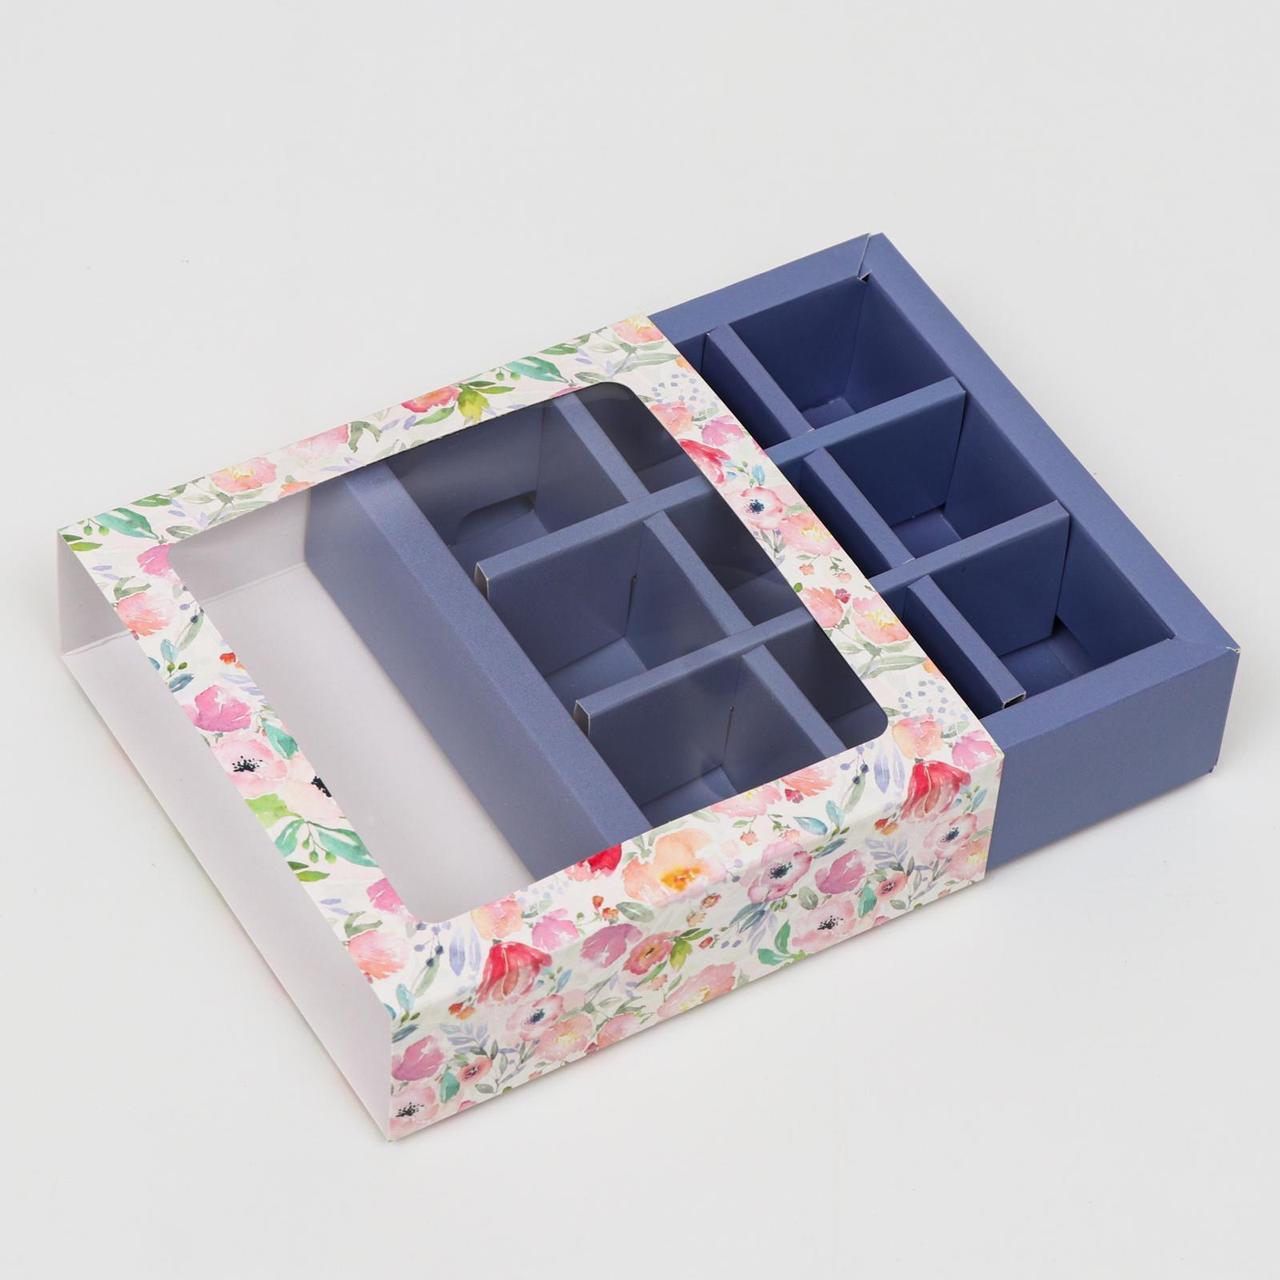 """Коробка под 9 конфет с обечайкой """"Весна"""" сиреневая, с окном, 13,7 х 13,7 х 3,5 см"""